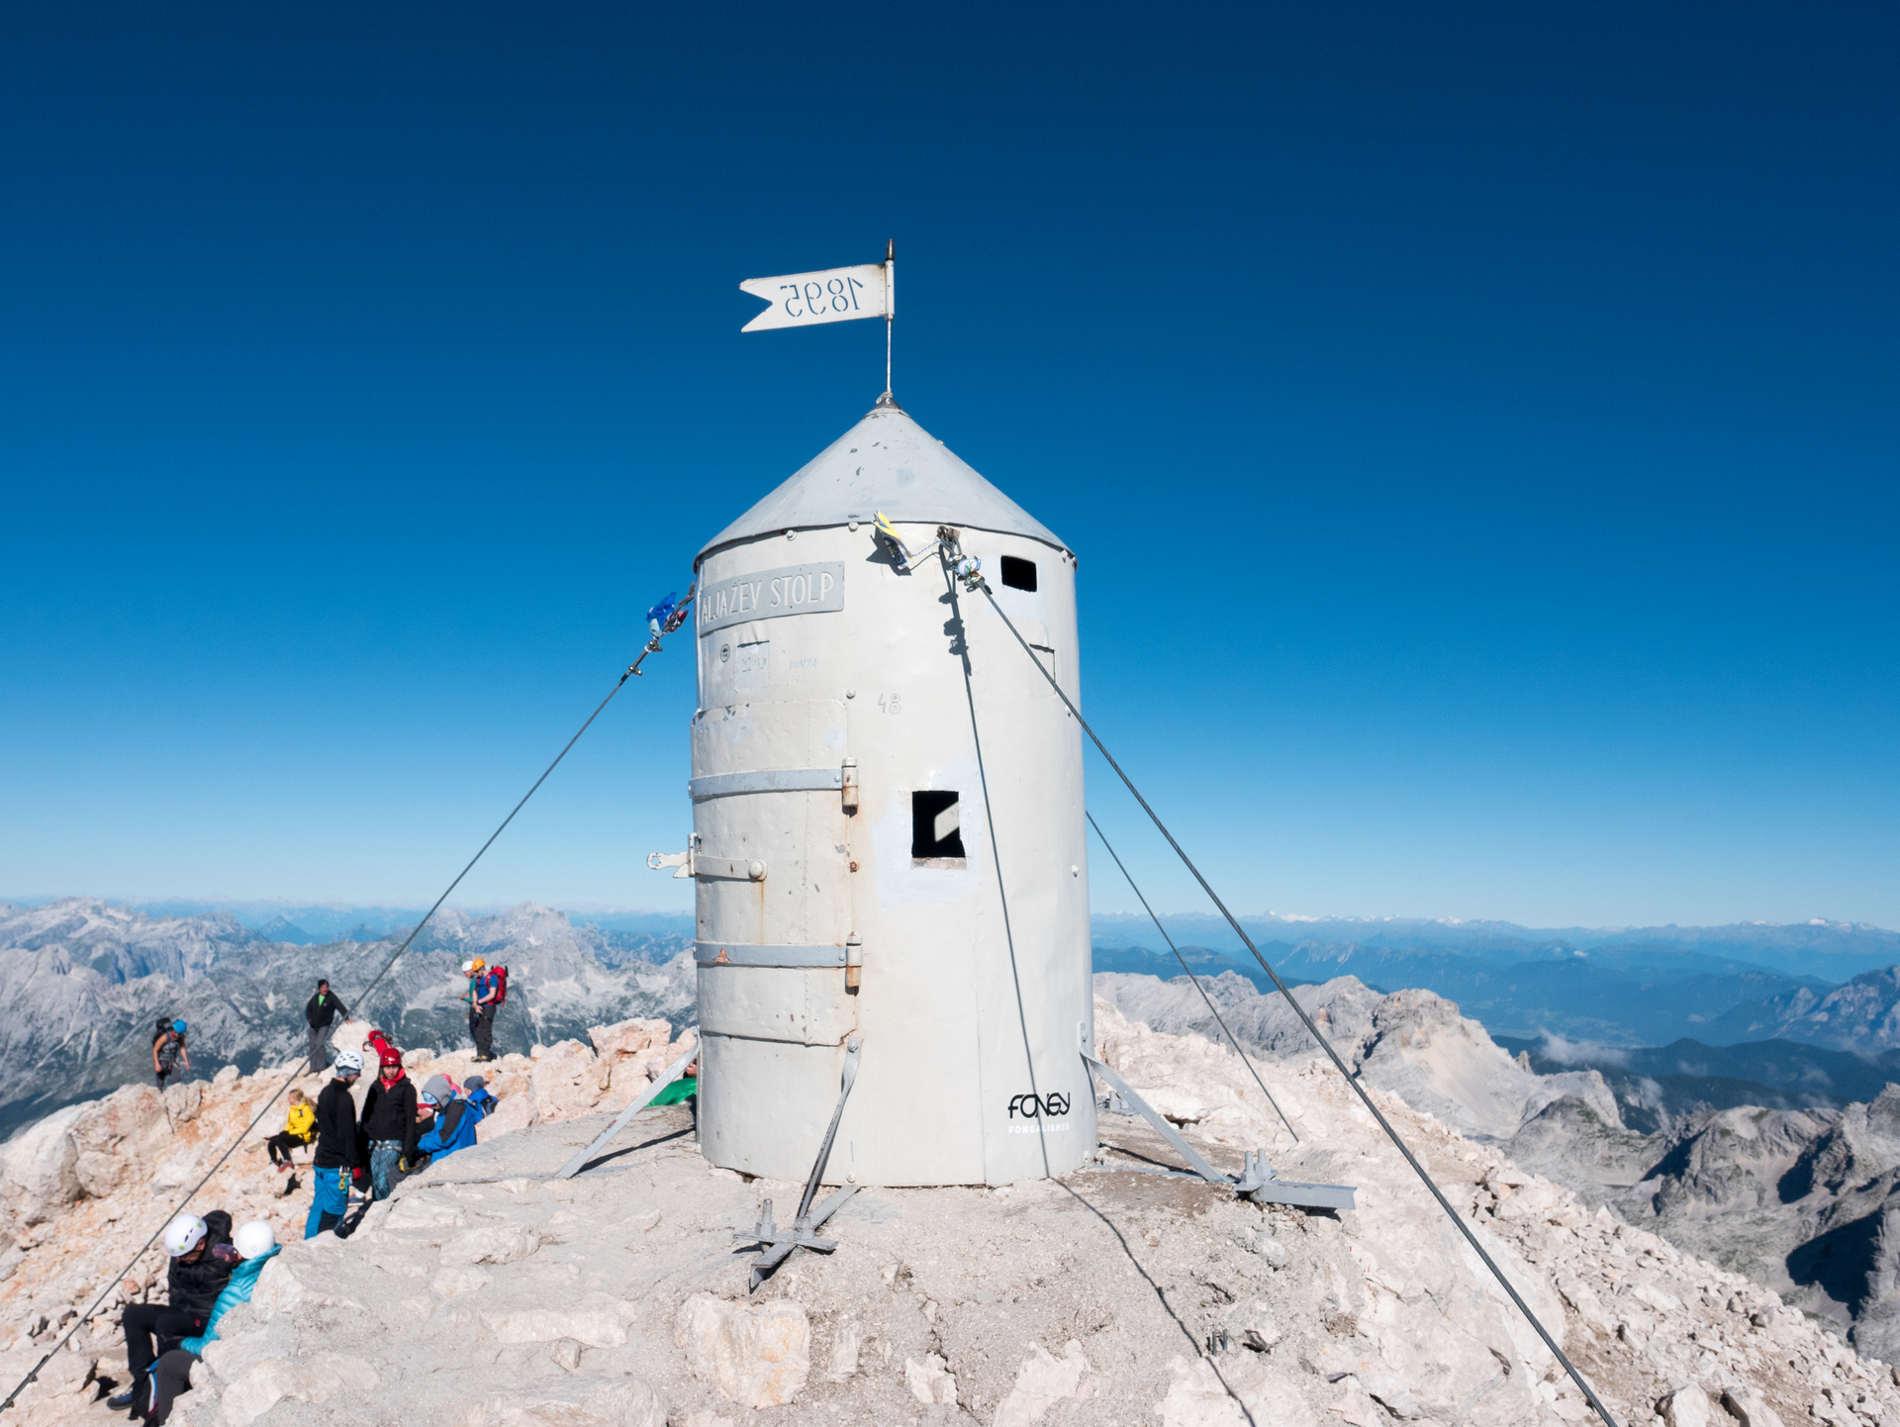 La cima del monte Triglav cose da vedere in un itinerario di viaggio in Slovenia